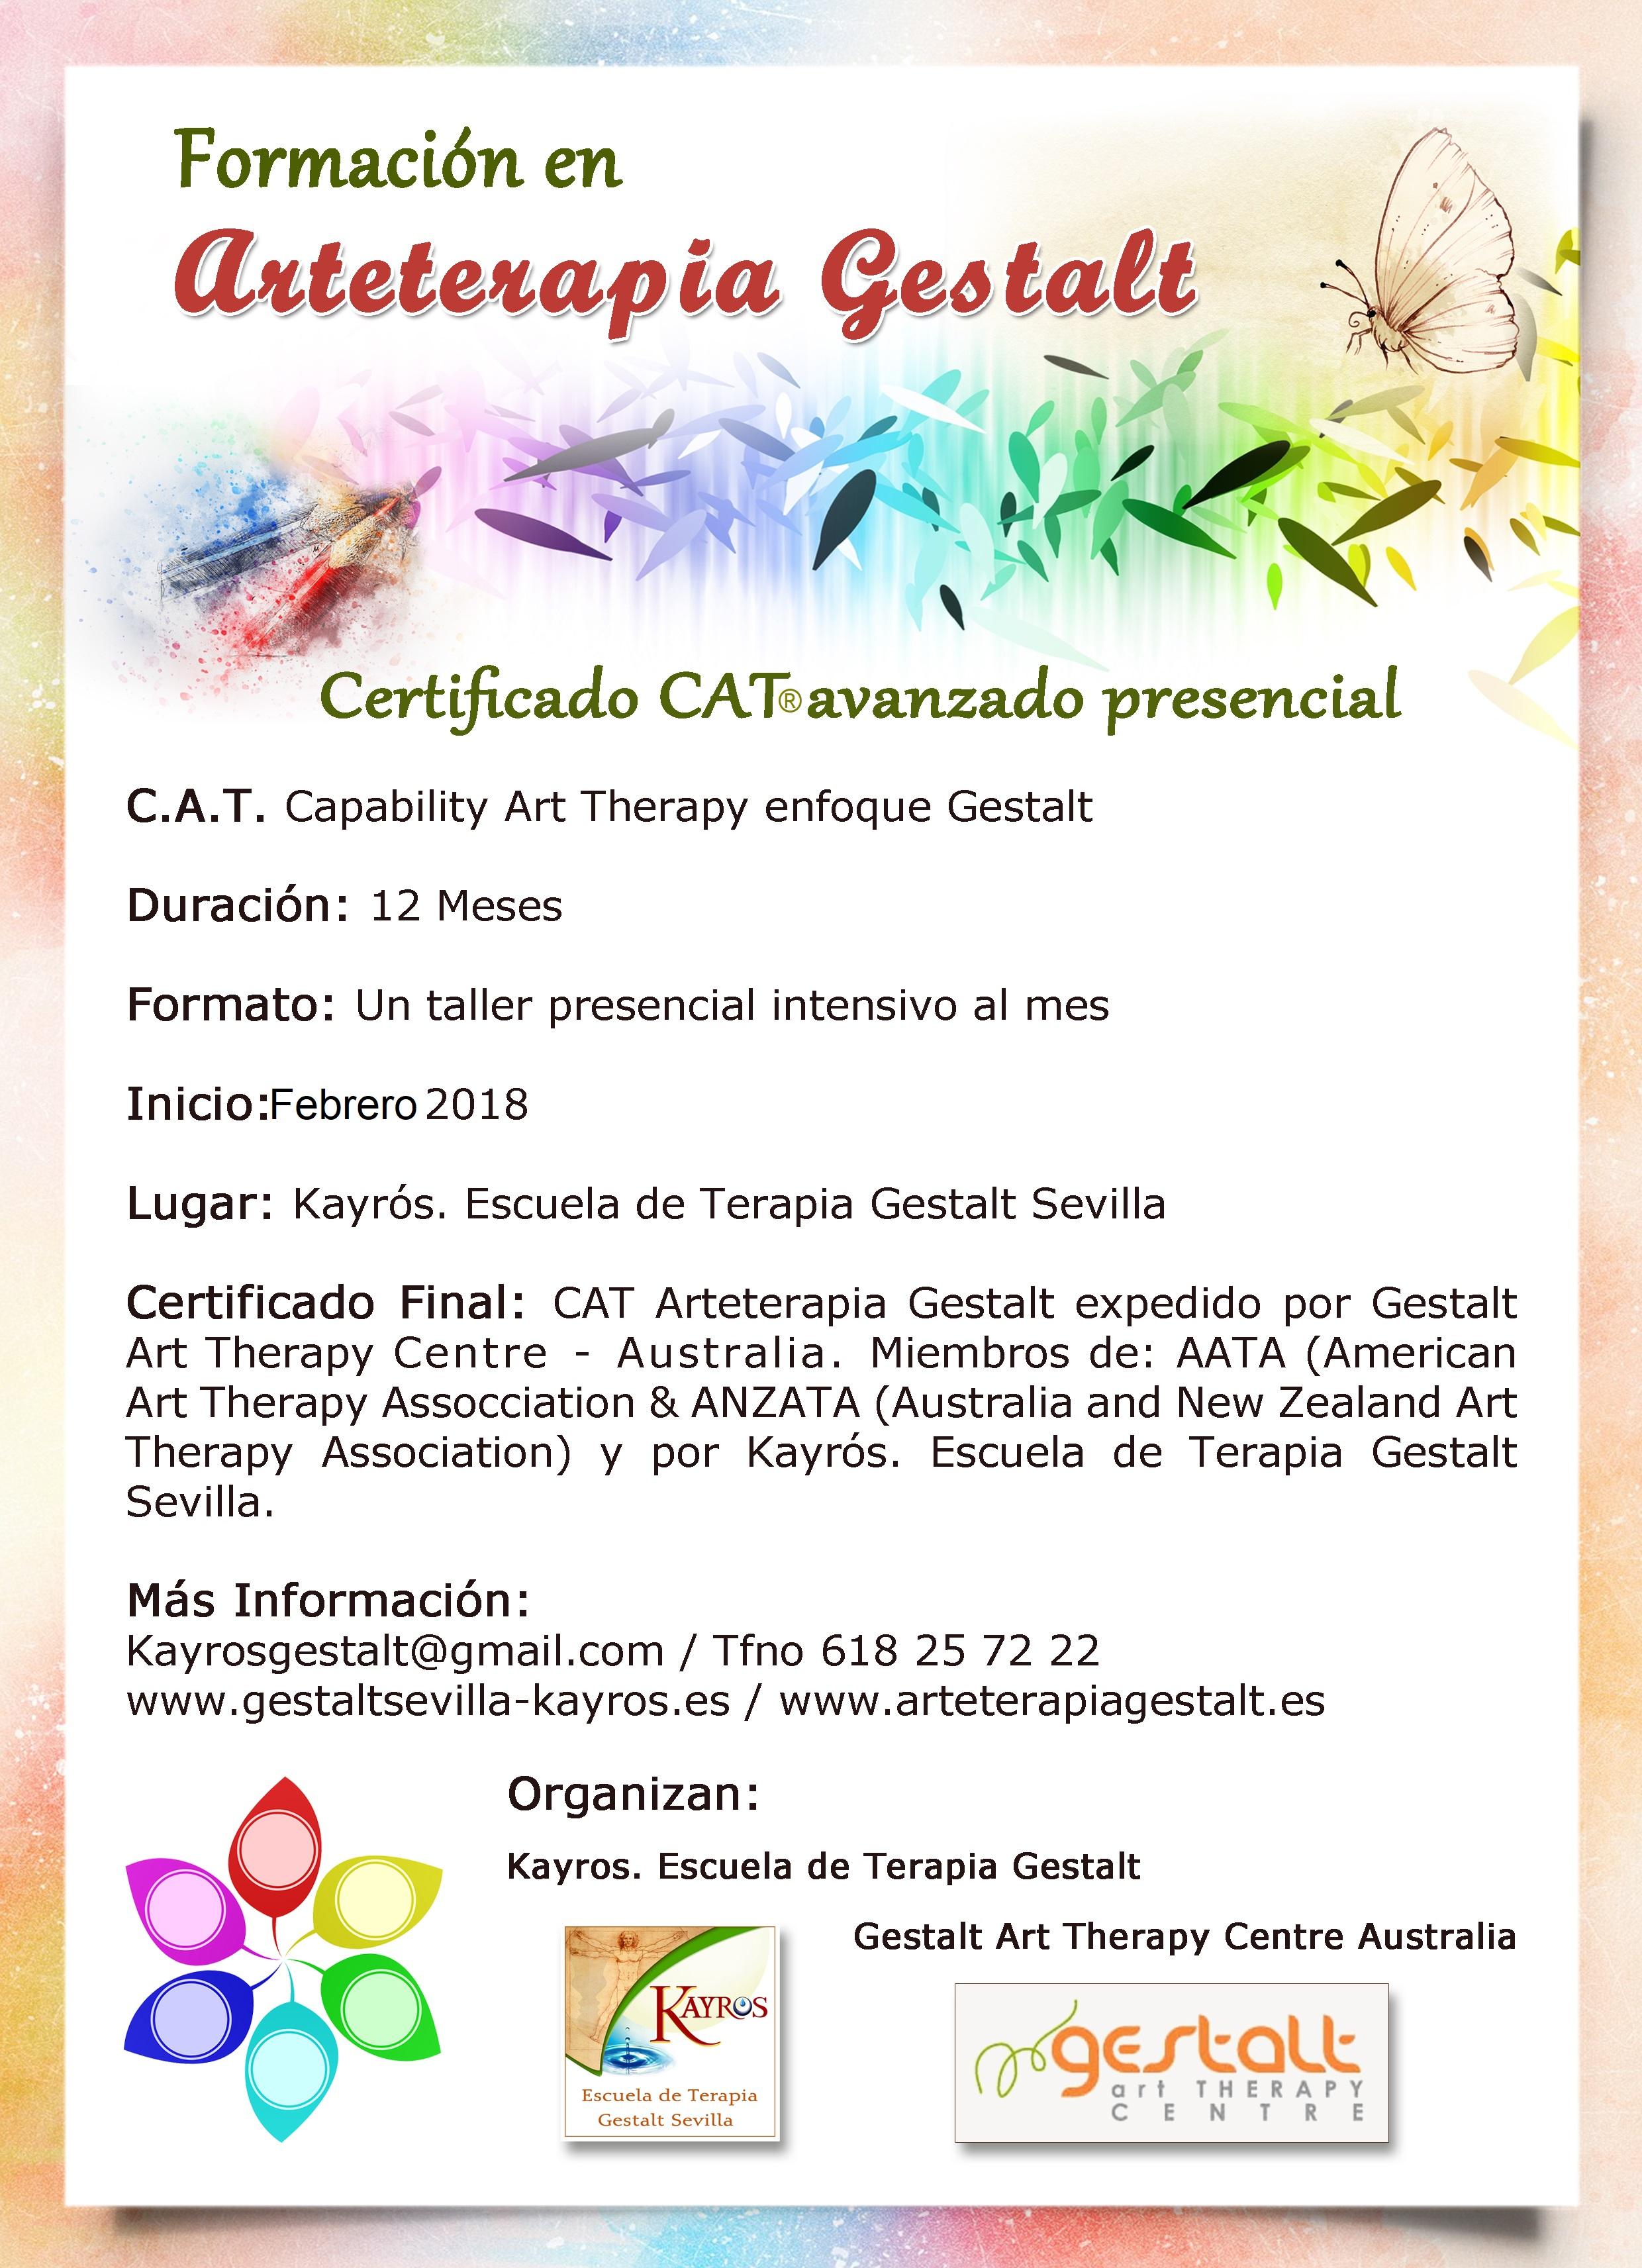 imagen de entrada del blog: 2018 Formación CAT® PRESENCIAL AVANZADO Arteterapia Gestalt en Kayrós Escuela de Terapia Gestalt- SEVILLA- España Capability Art Therapy enfoque Gestalt